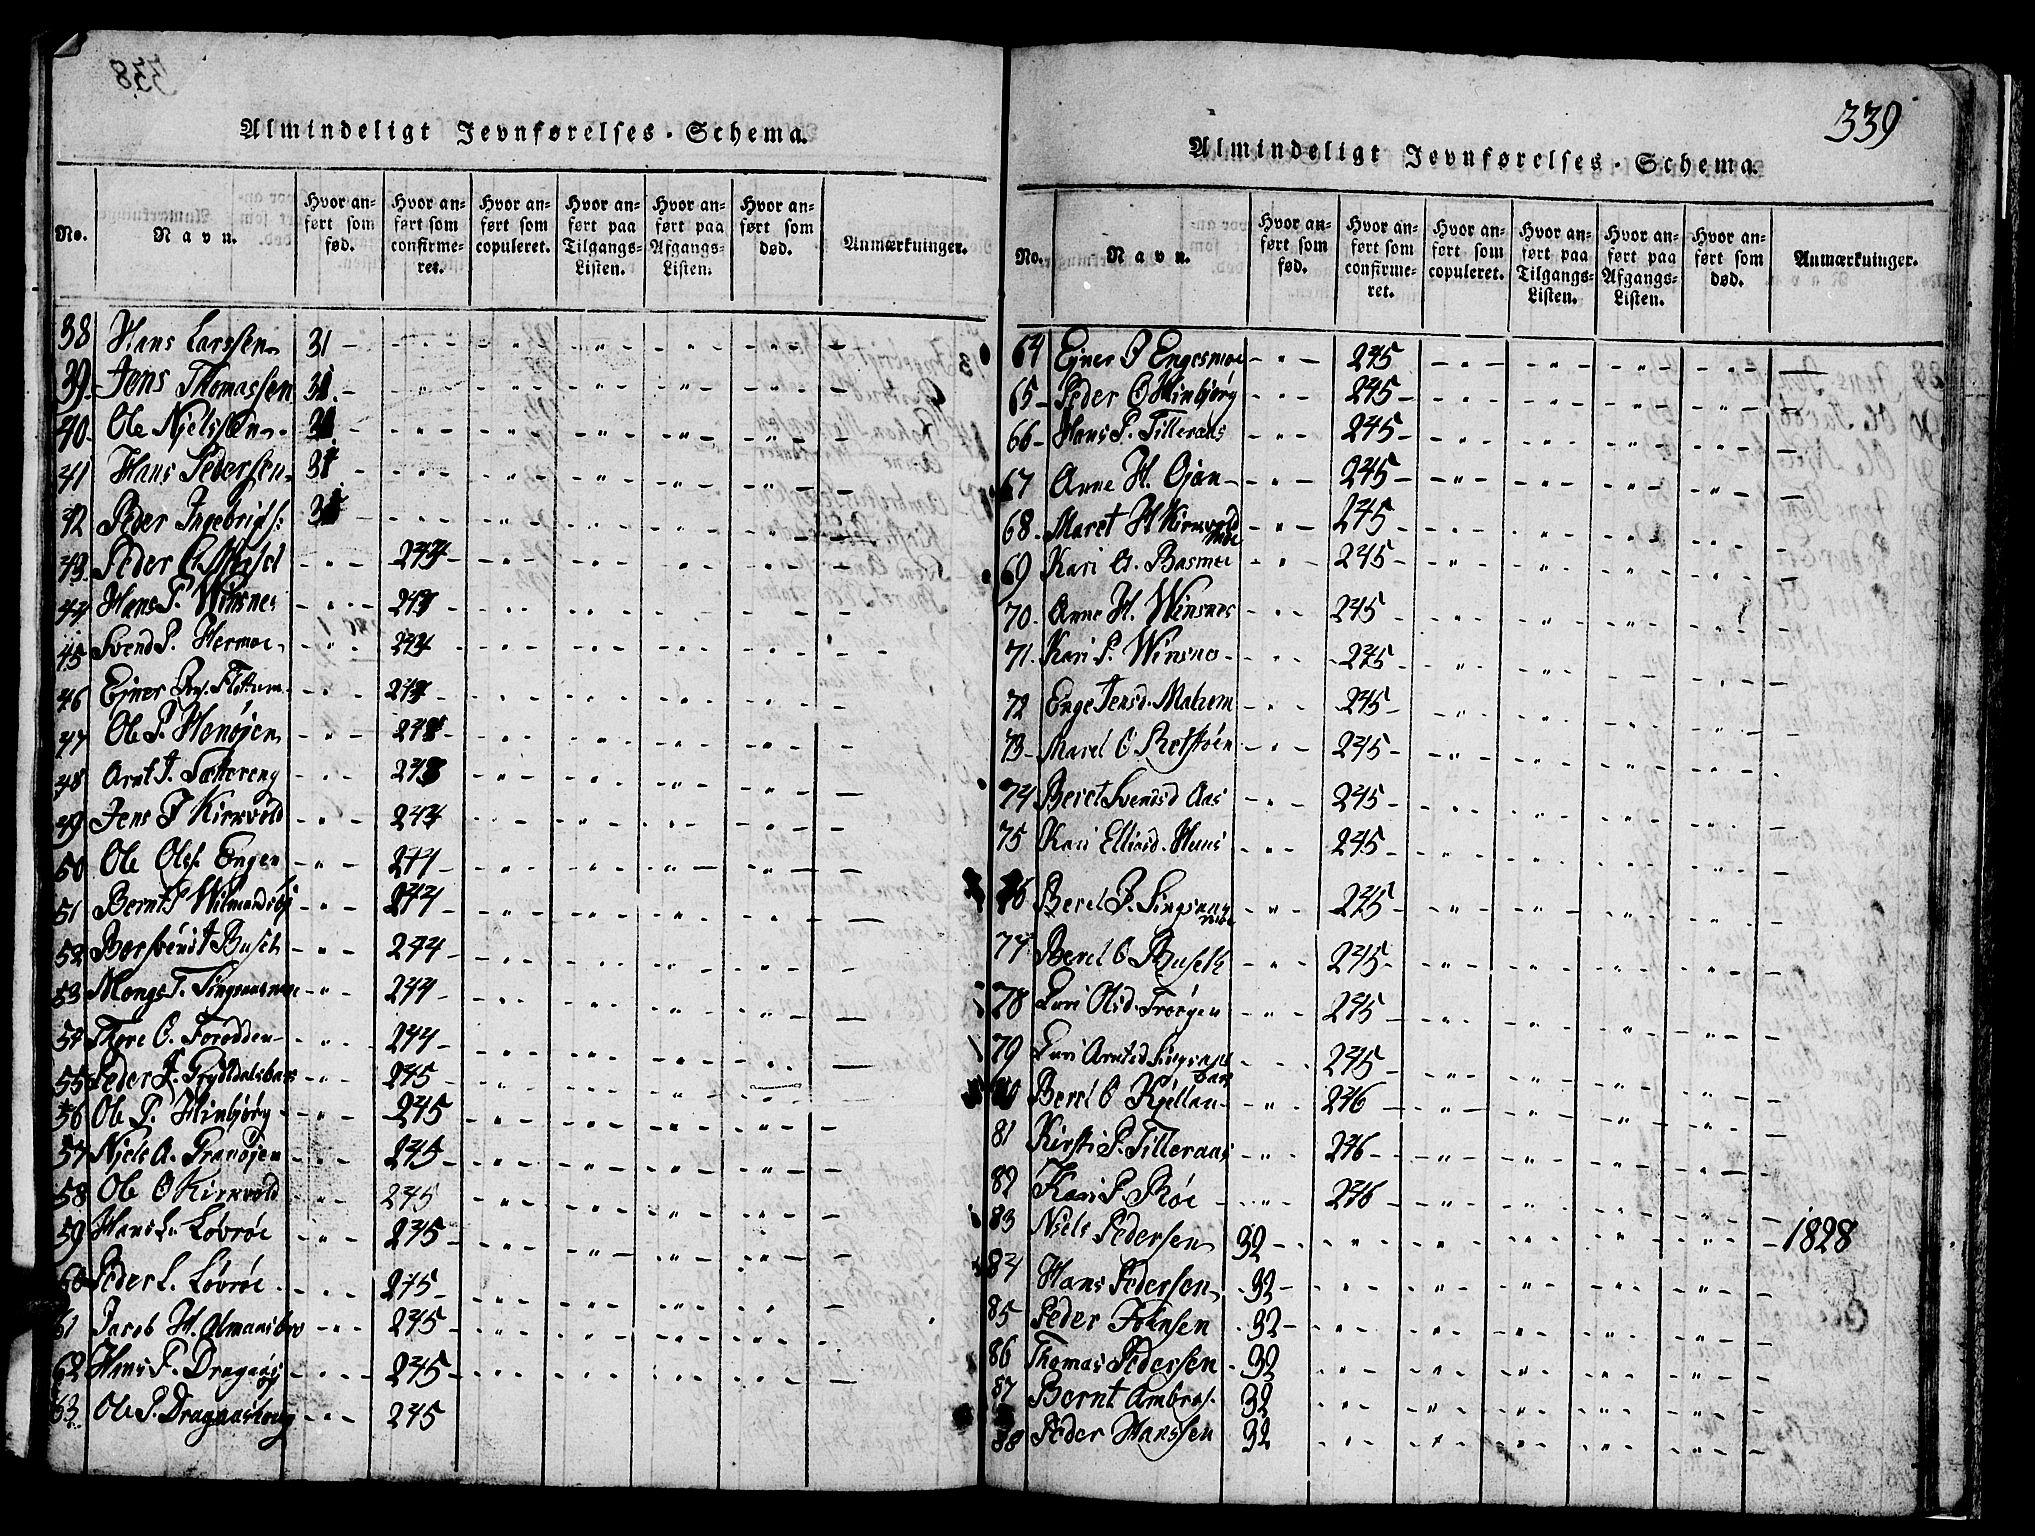 SAT, Ministerialprotokoller, klokkerbøker og fødselsregistre - Sør-Trøndelag, 688/L1026: Klokkerbok nr. 688C01, 1817-1860, s. 339